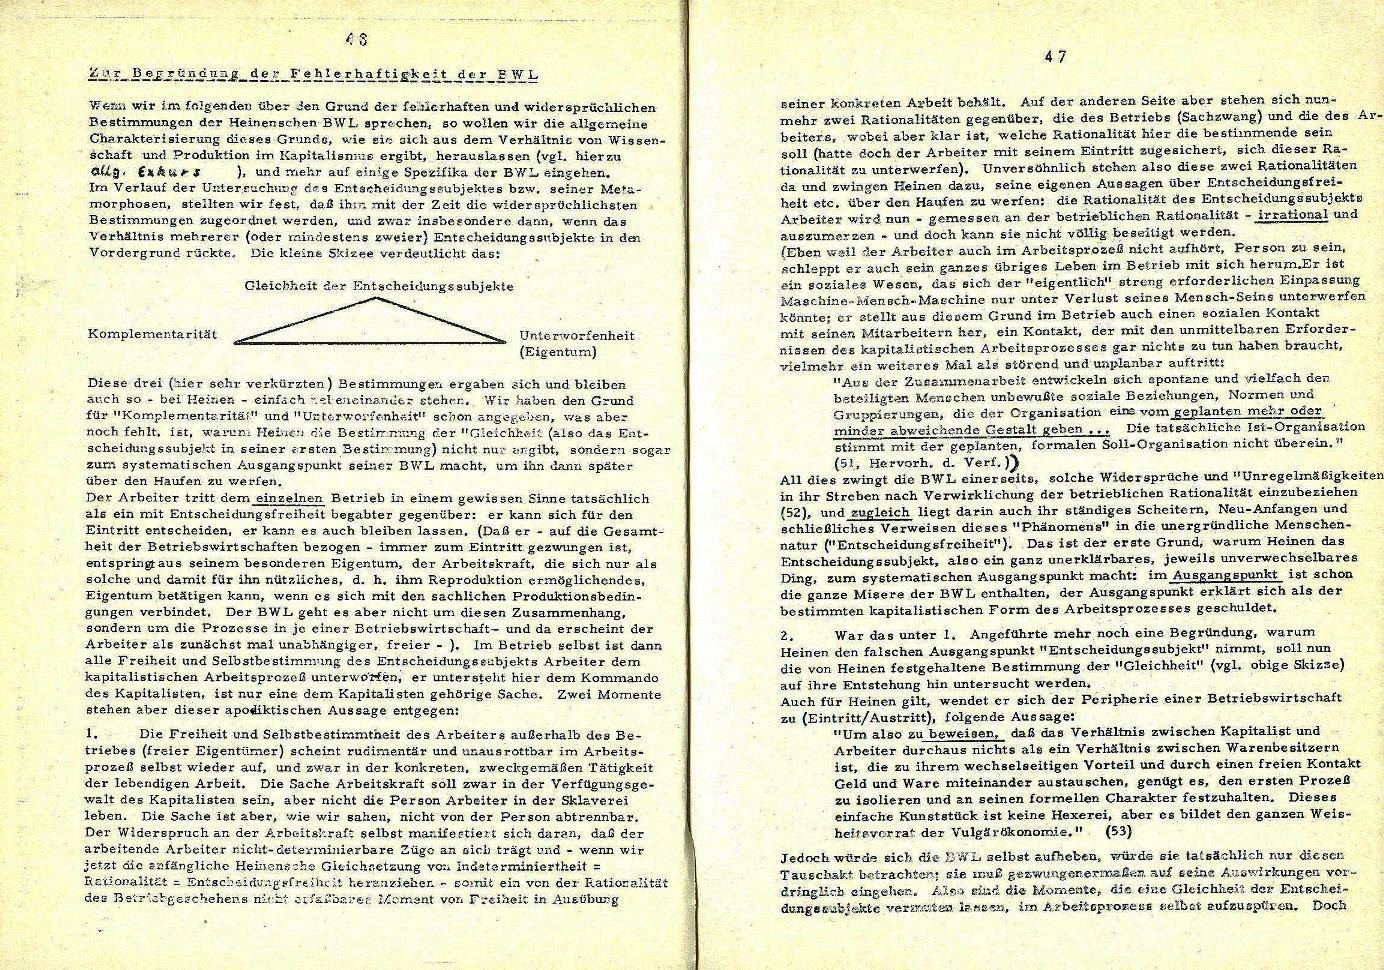 Muenchen_AK_Sozialistisches_Studium025